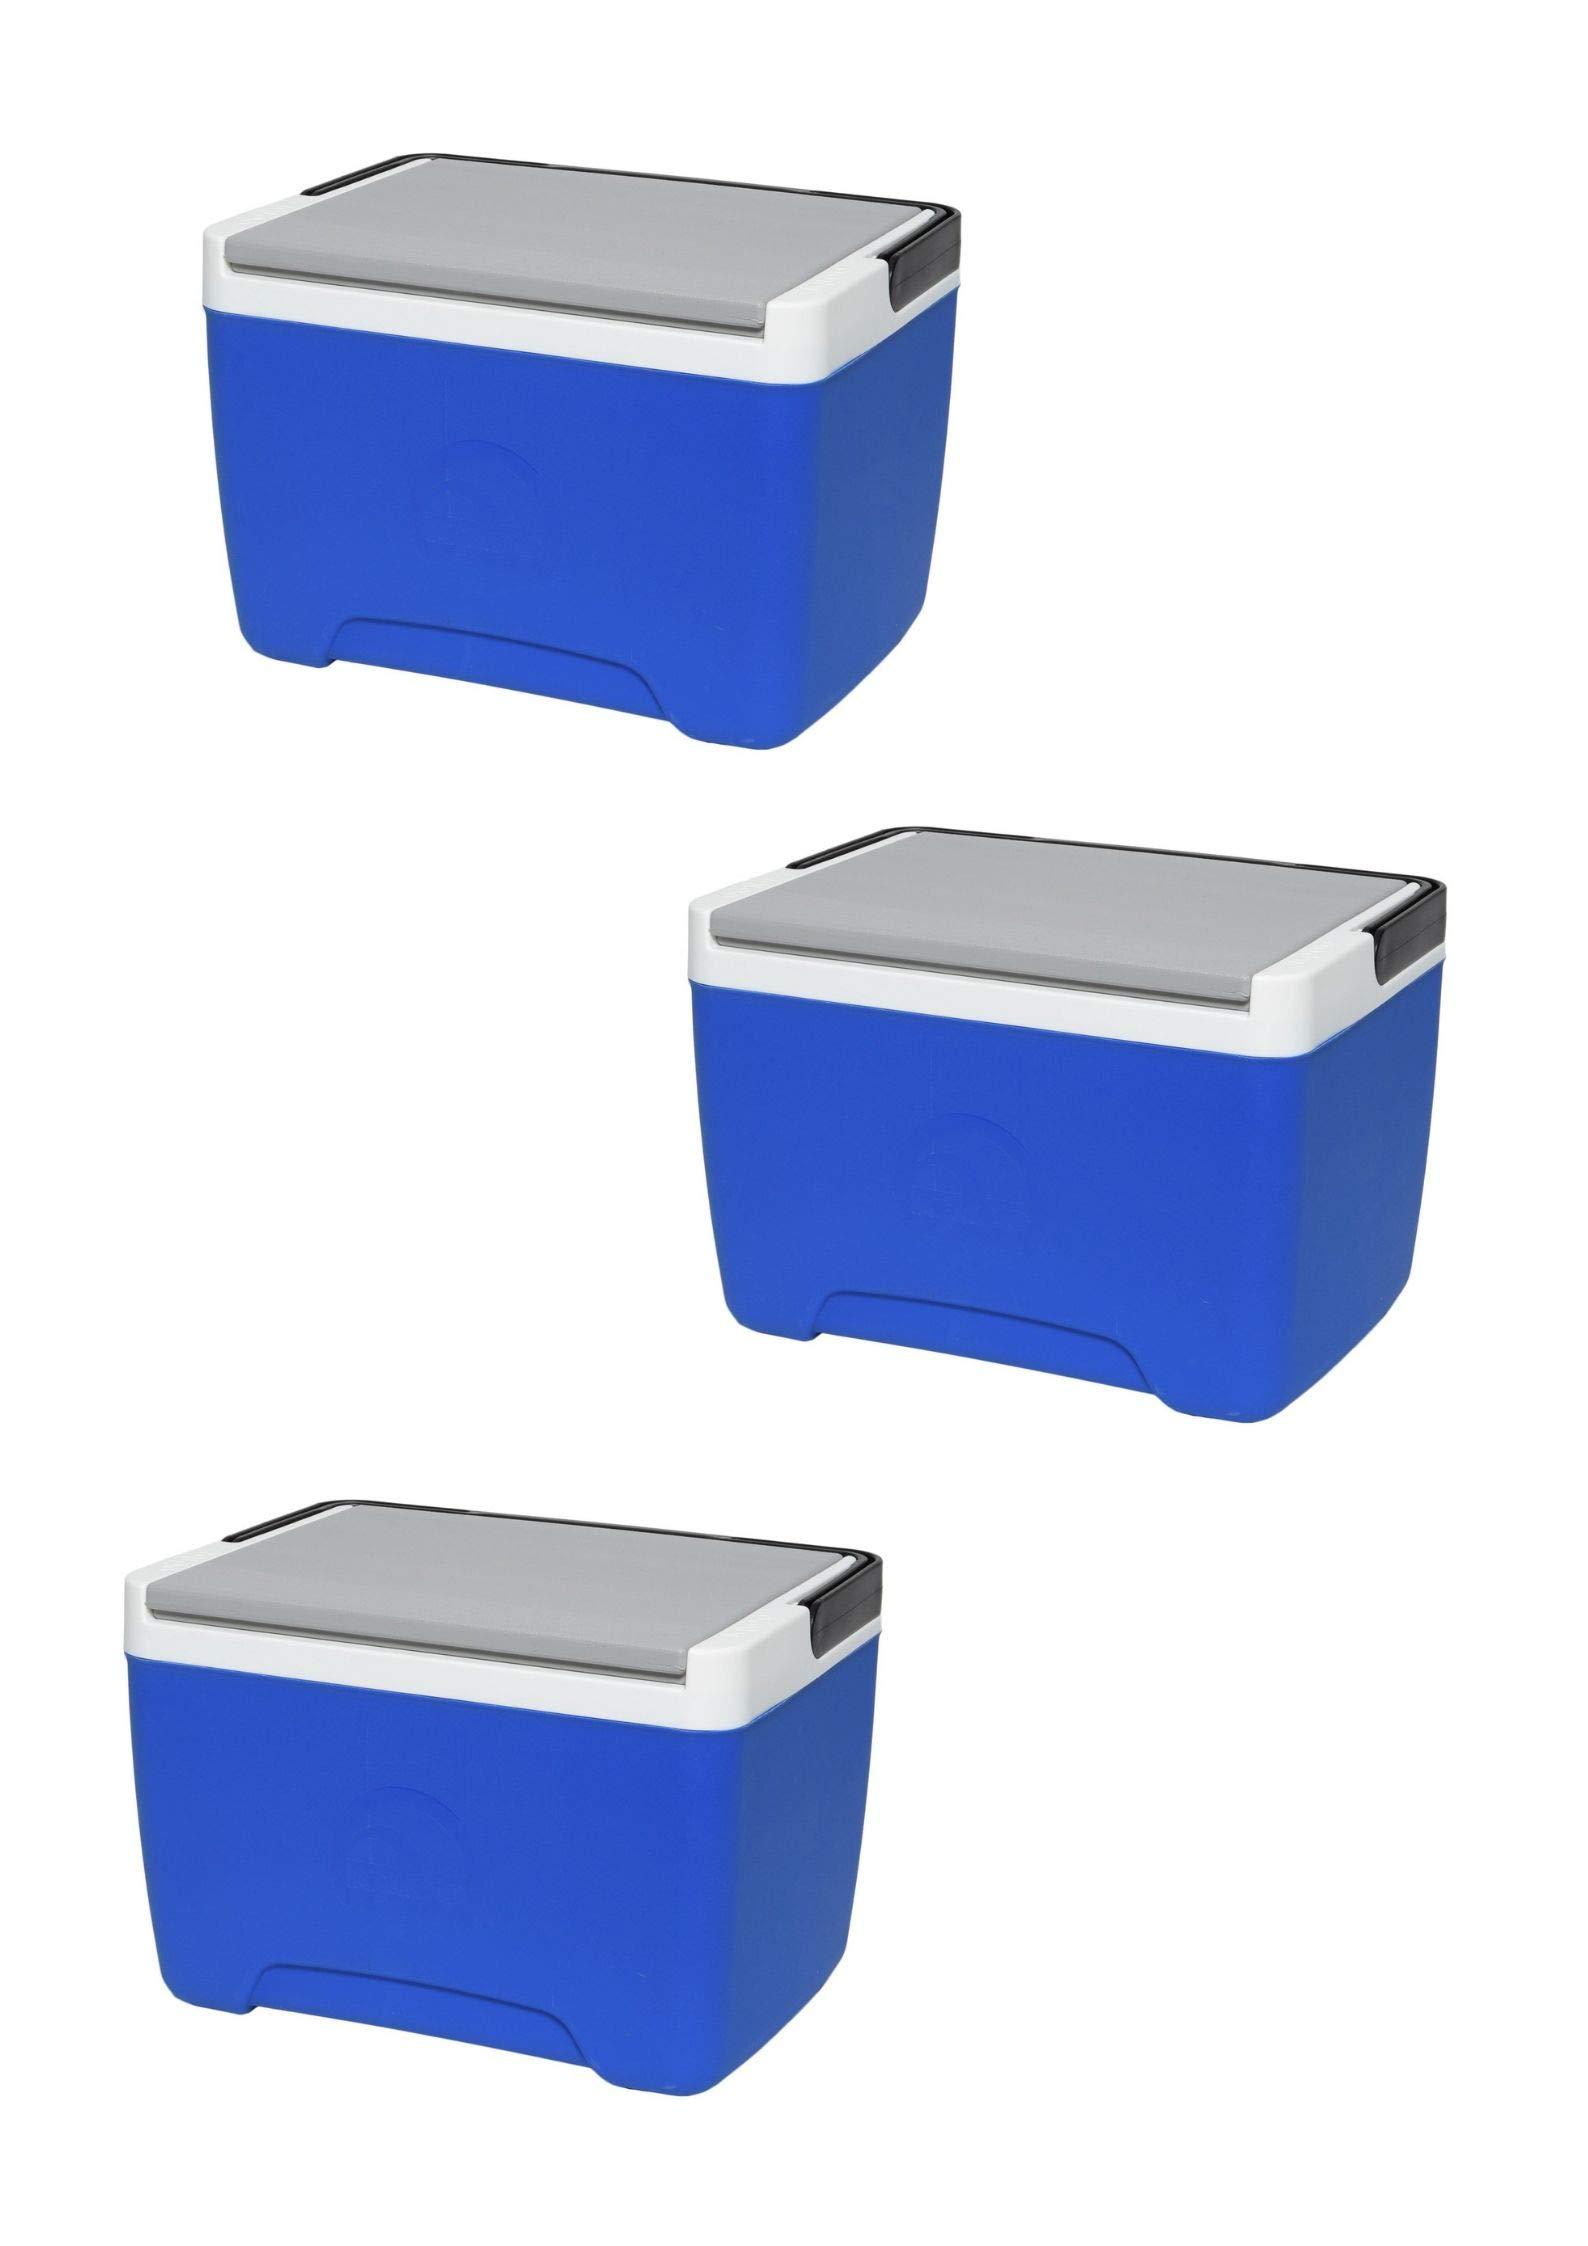 Igloo Island Breeze 9-Quart Cooler (3 Pack,Majestic Blue/Ash Gray/Black)